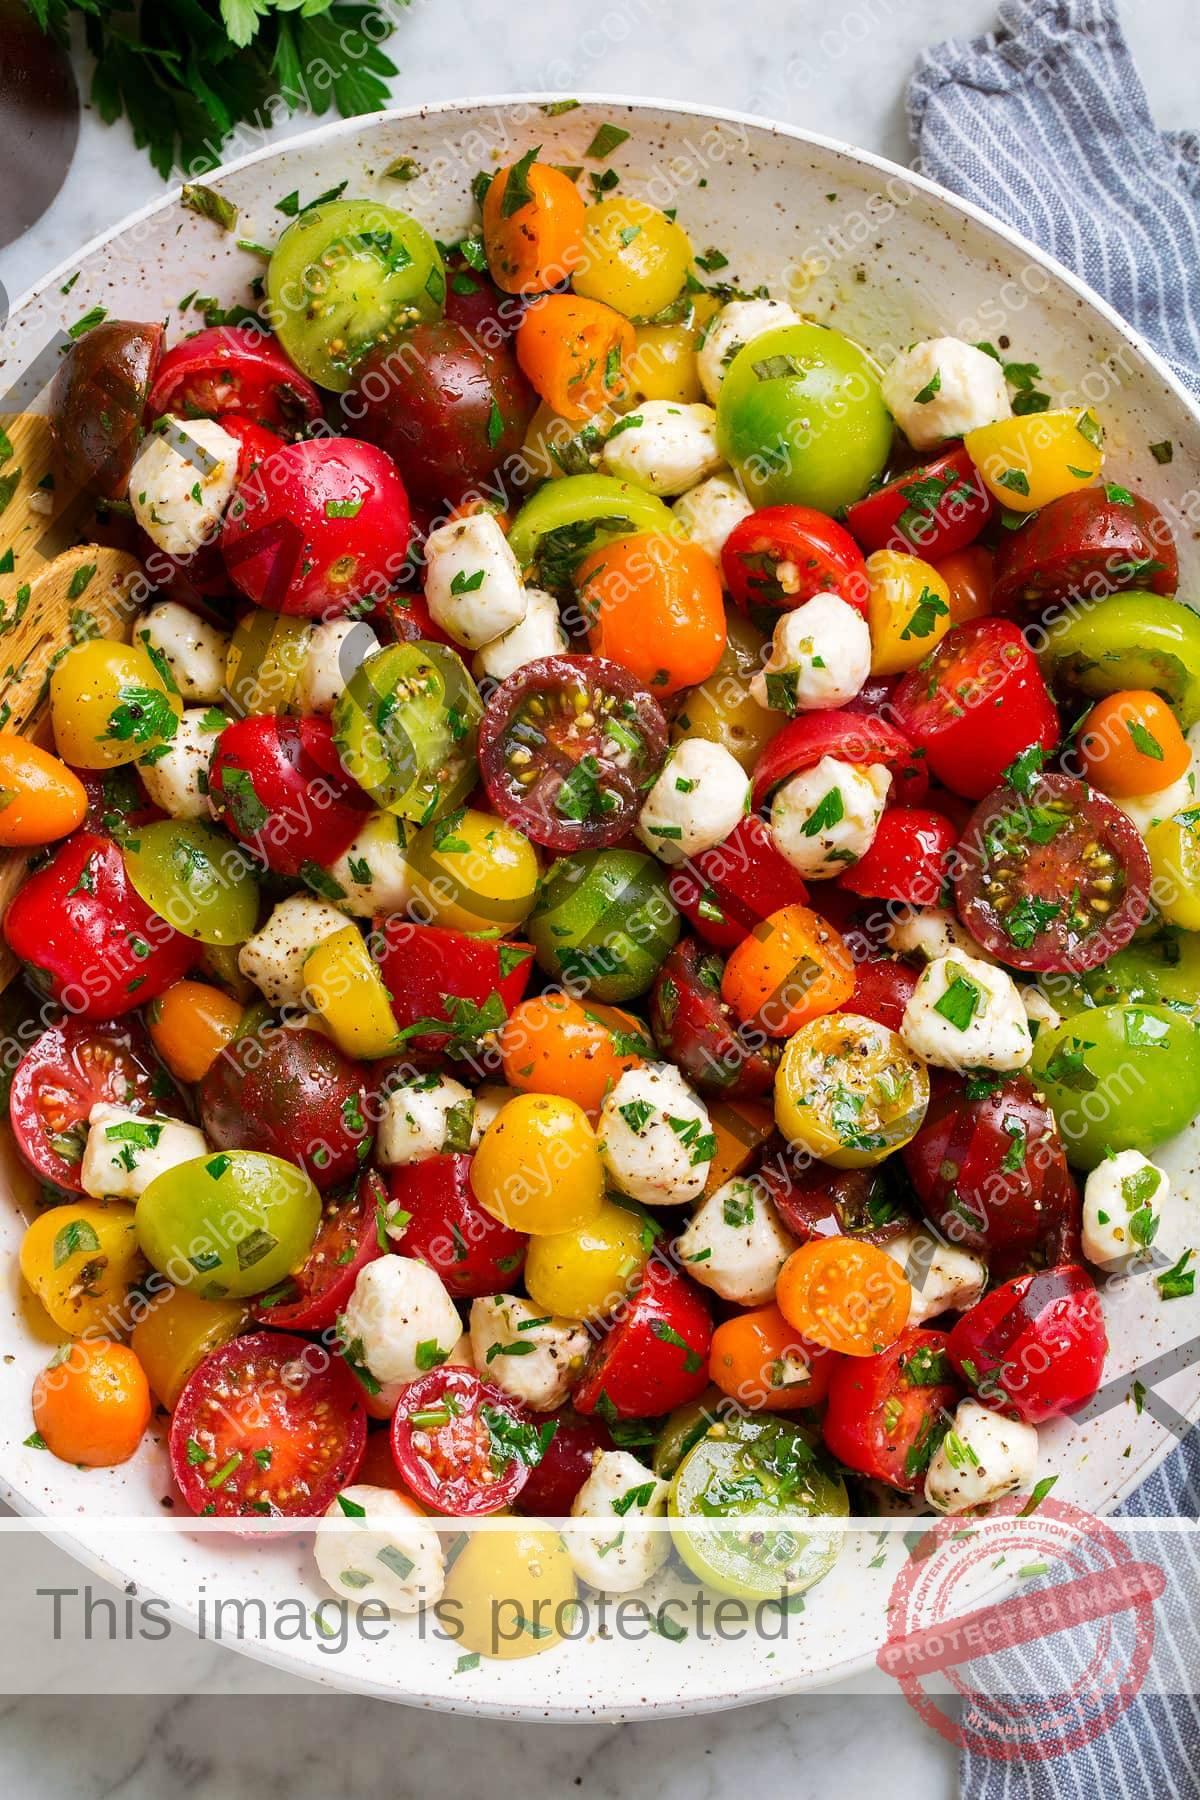 Ensalada de tomate en un tazón blanco. En la ensalada hay tomates cherry y uva multicolores, las perlas de mozzarella y se cubre con un aderezo de hierbas.